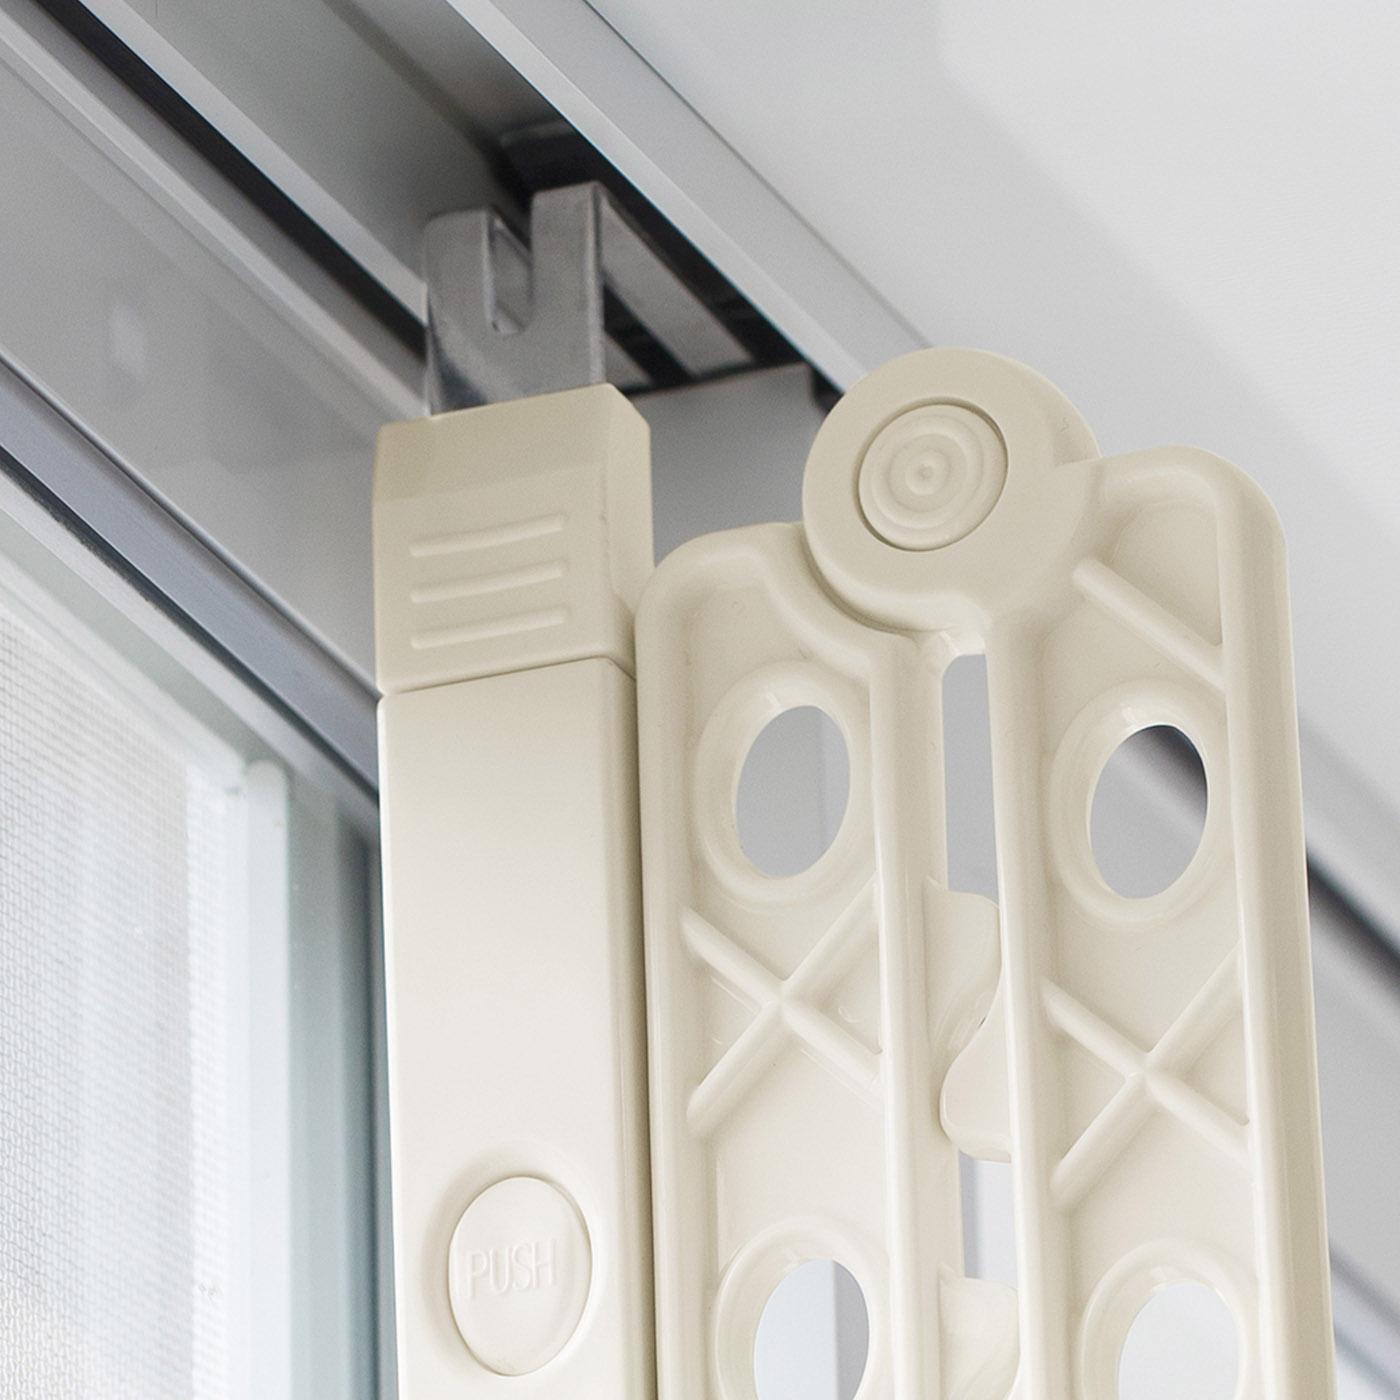 レールと窓枠の間のすき間に差し込むだけ。